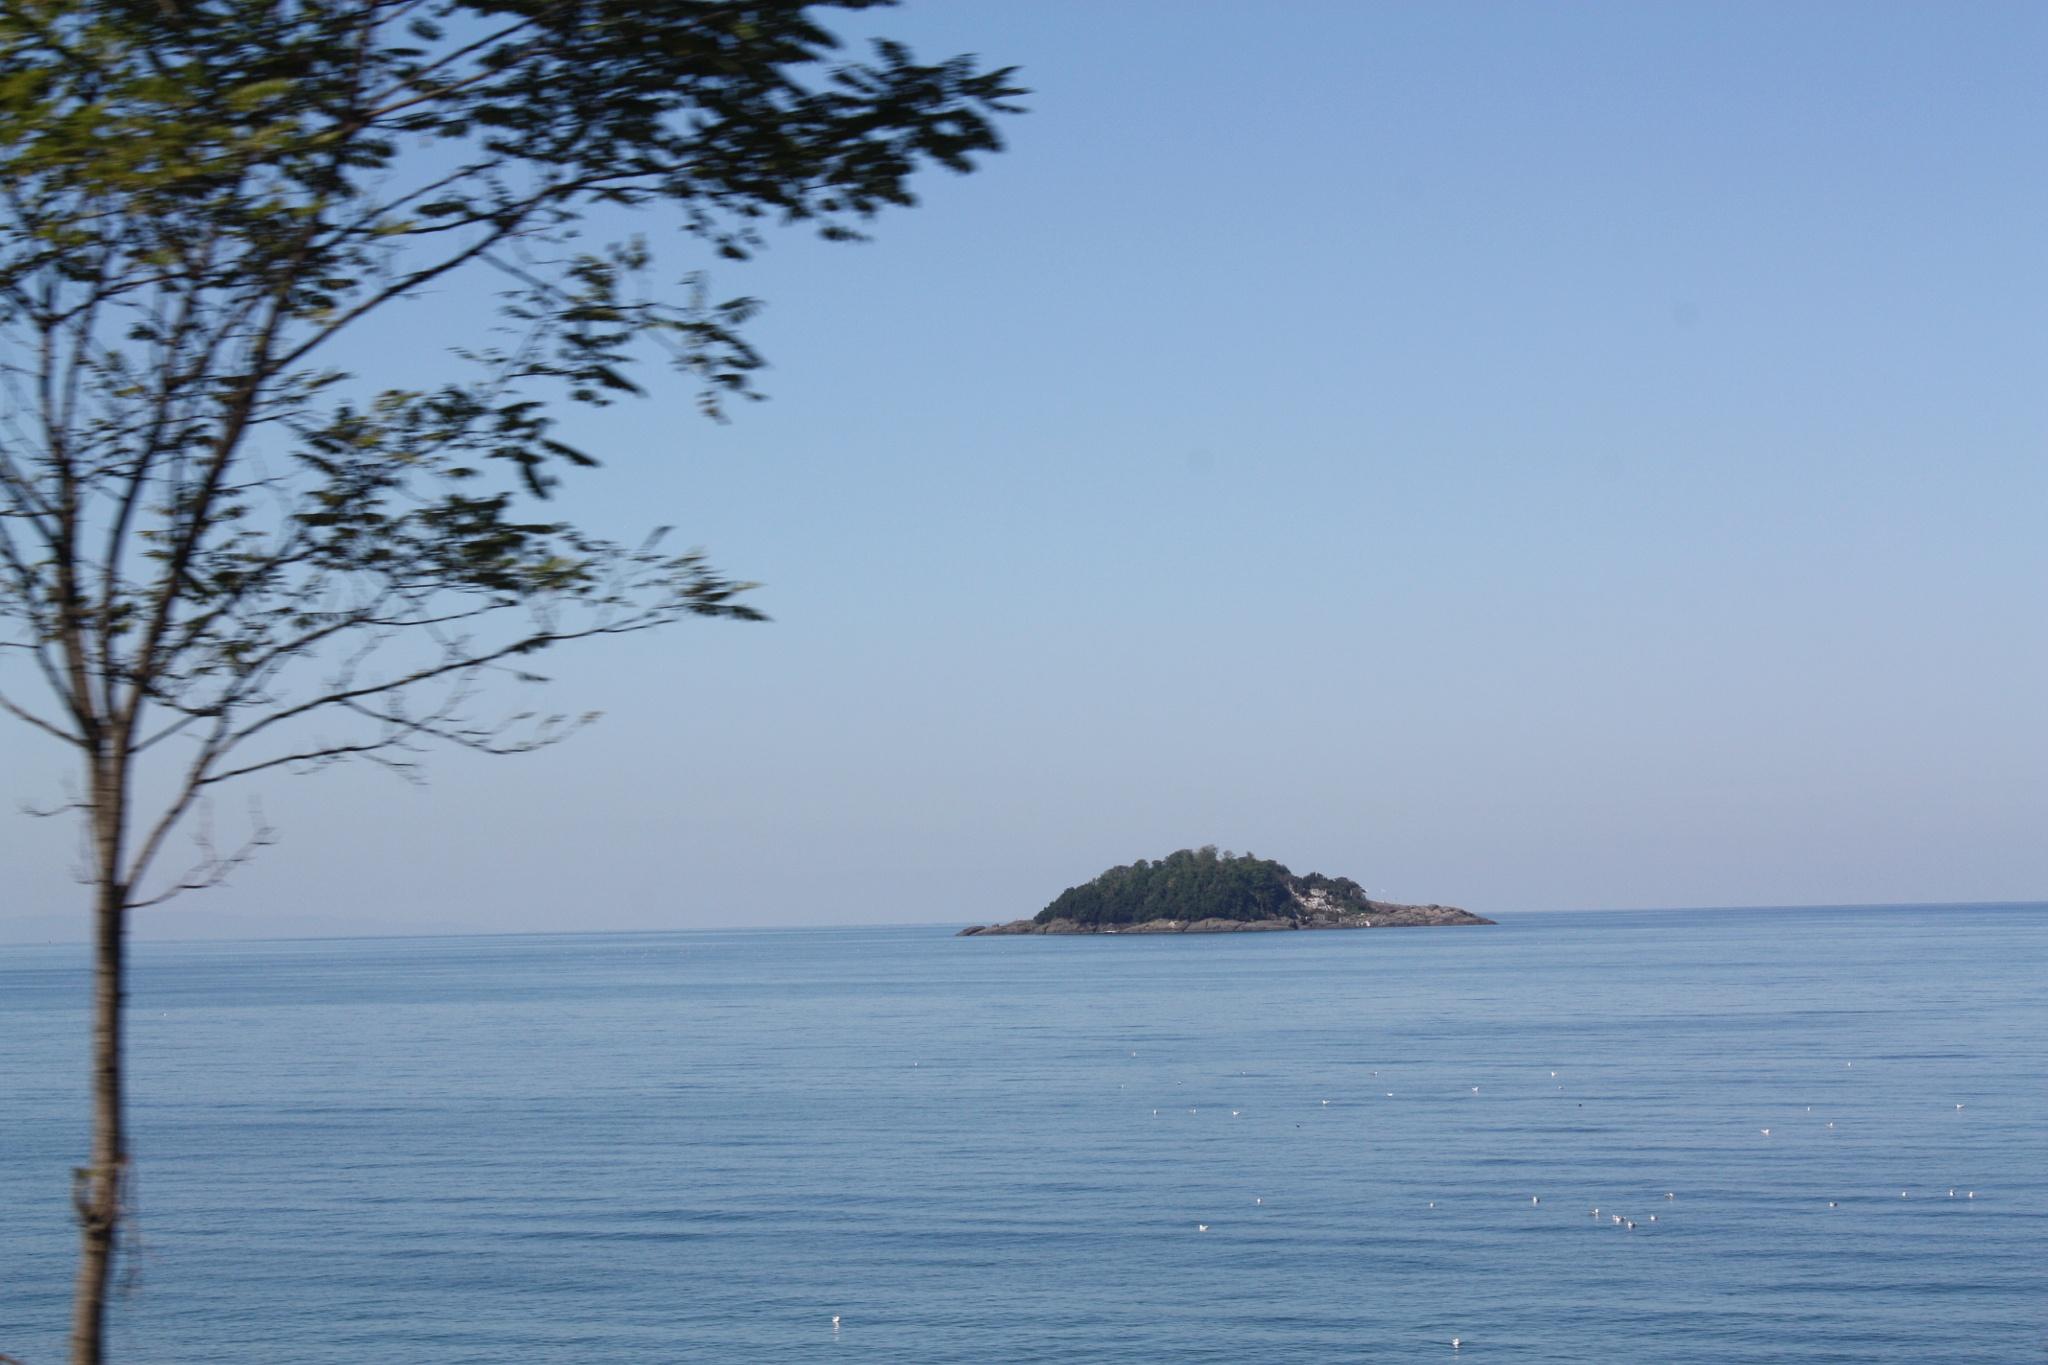 Giresun adasına bakış by mehmetihsancakmak